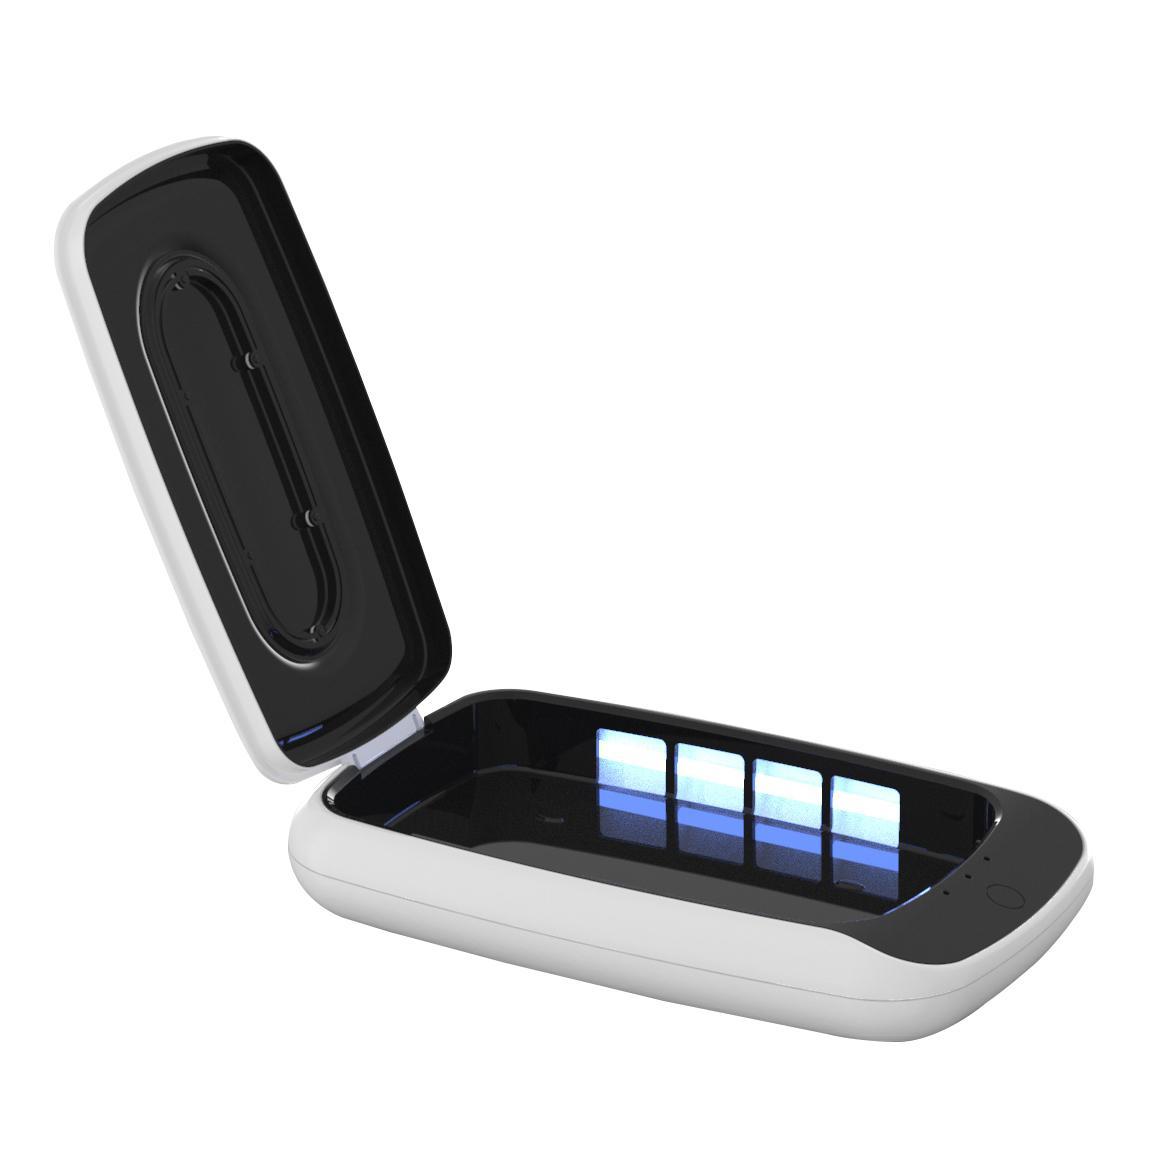 Ricarica USB ha condotto la luce UV Sanitizer portatile UVC luce disinfezione Box portatile UV di disinfezione per il telefono hotel Traval potabile Style